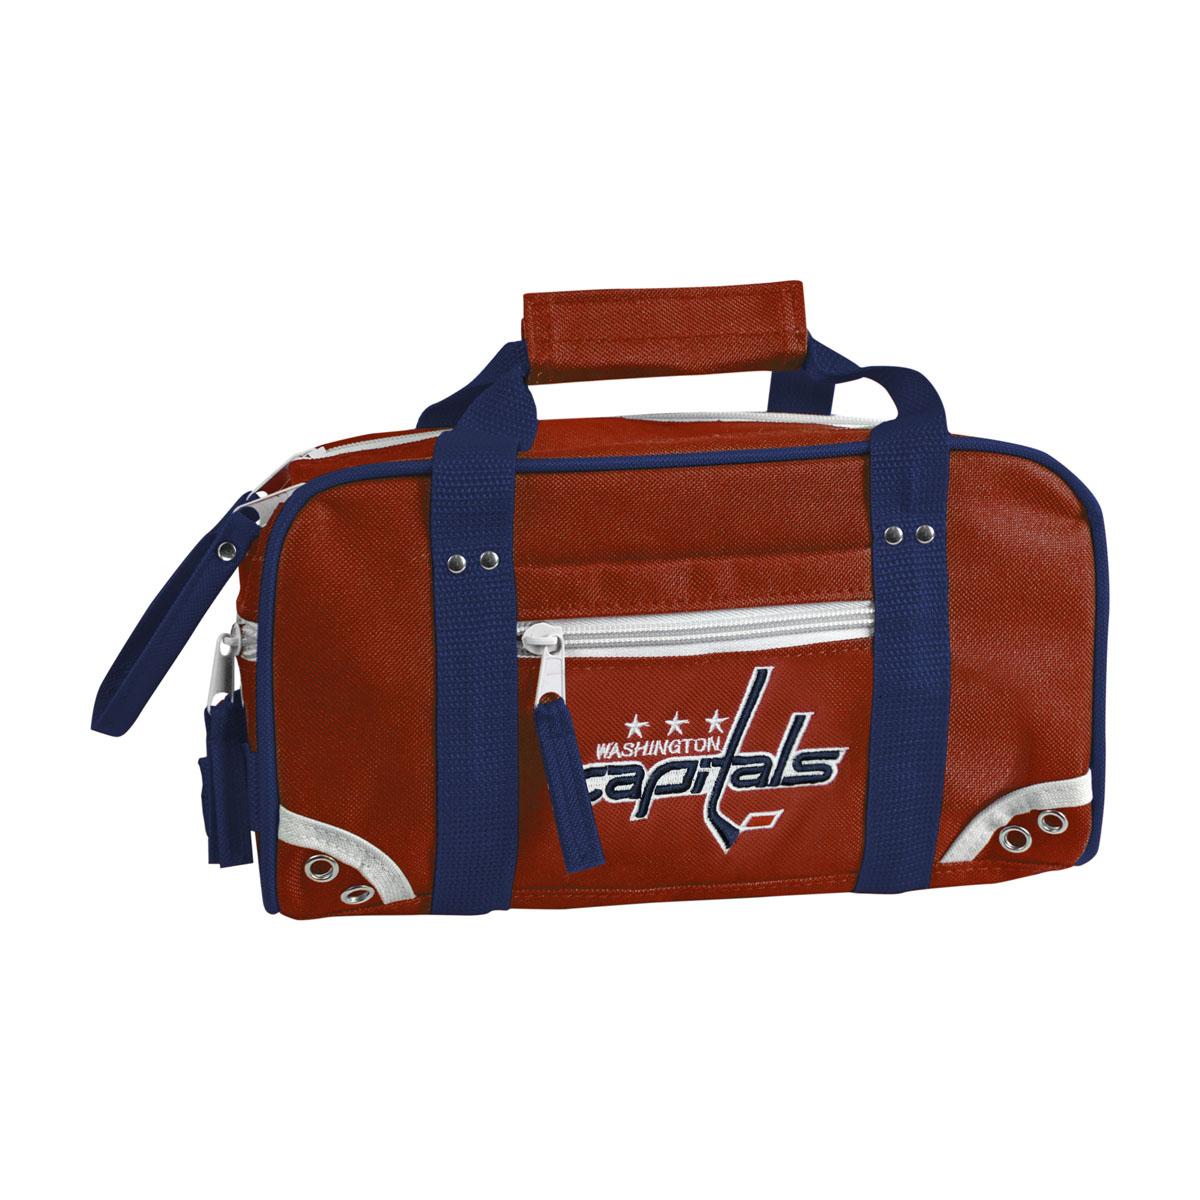 Мини-баул NHL Washington Capitals, цвет: красно-синий. 5л ( 58012 )